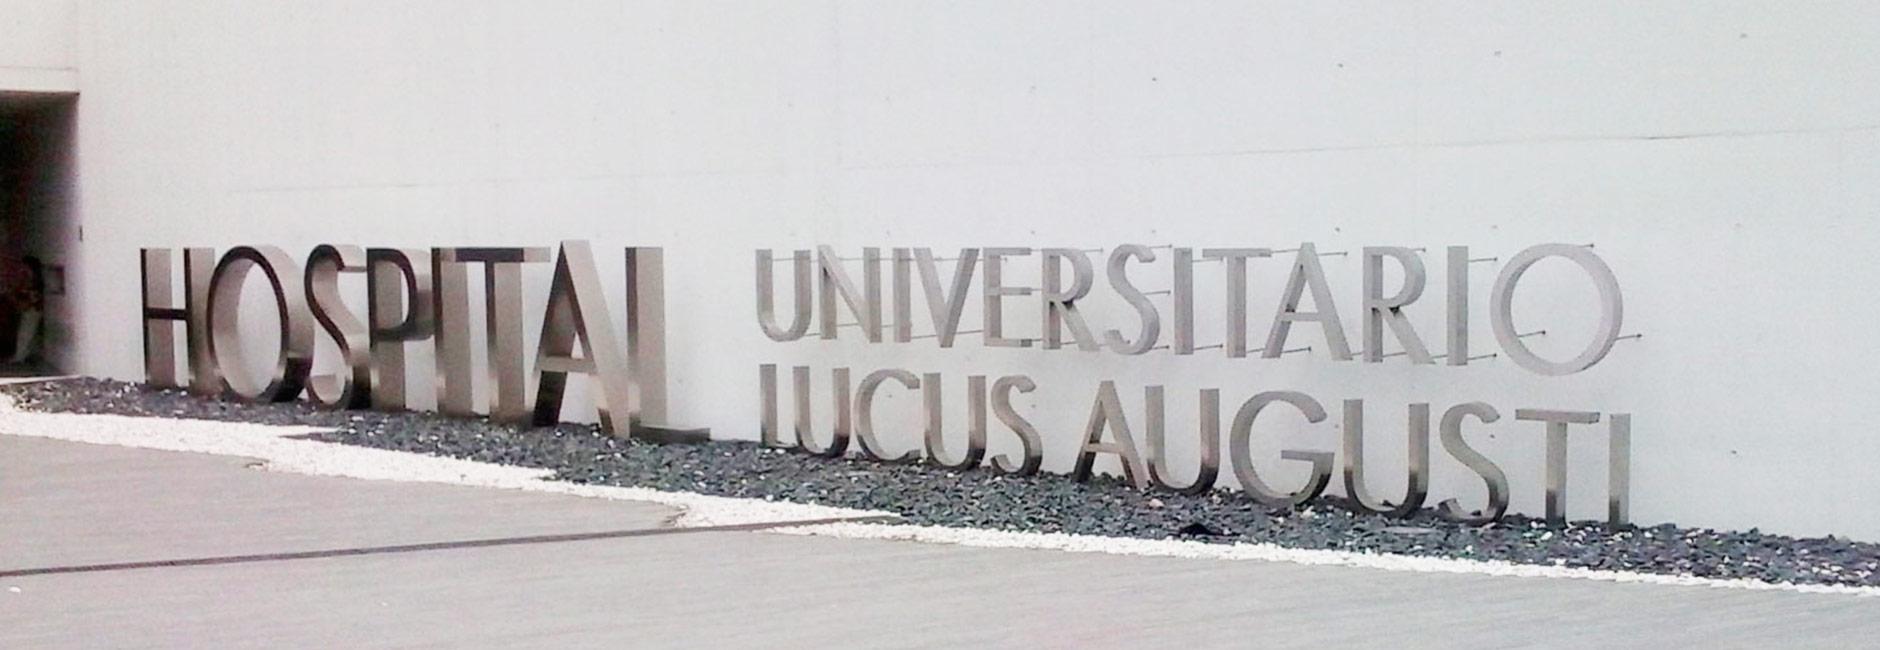 HULA Hospital Lucus Augusti